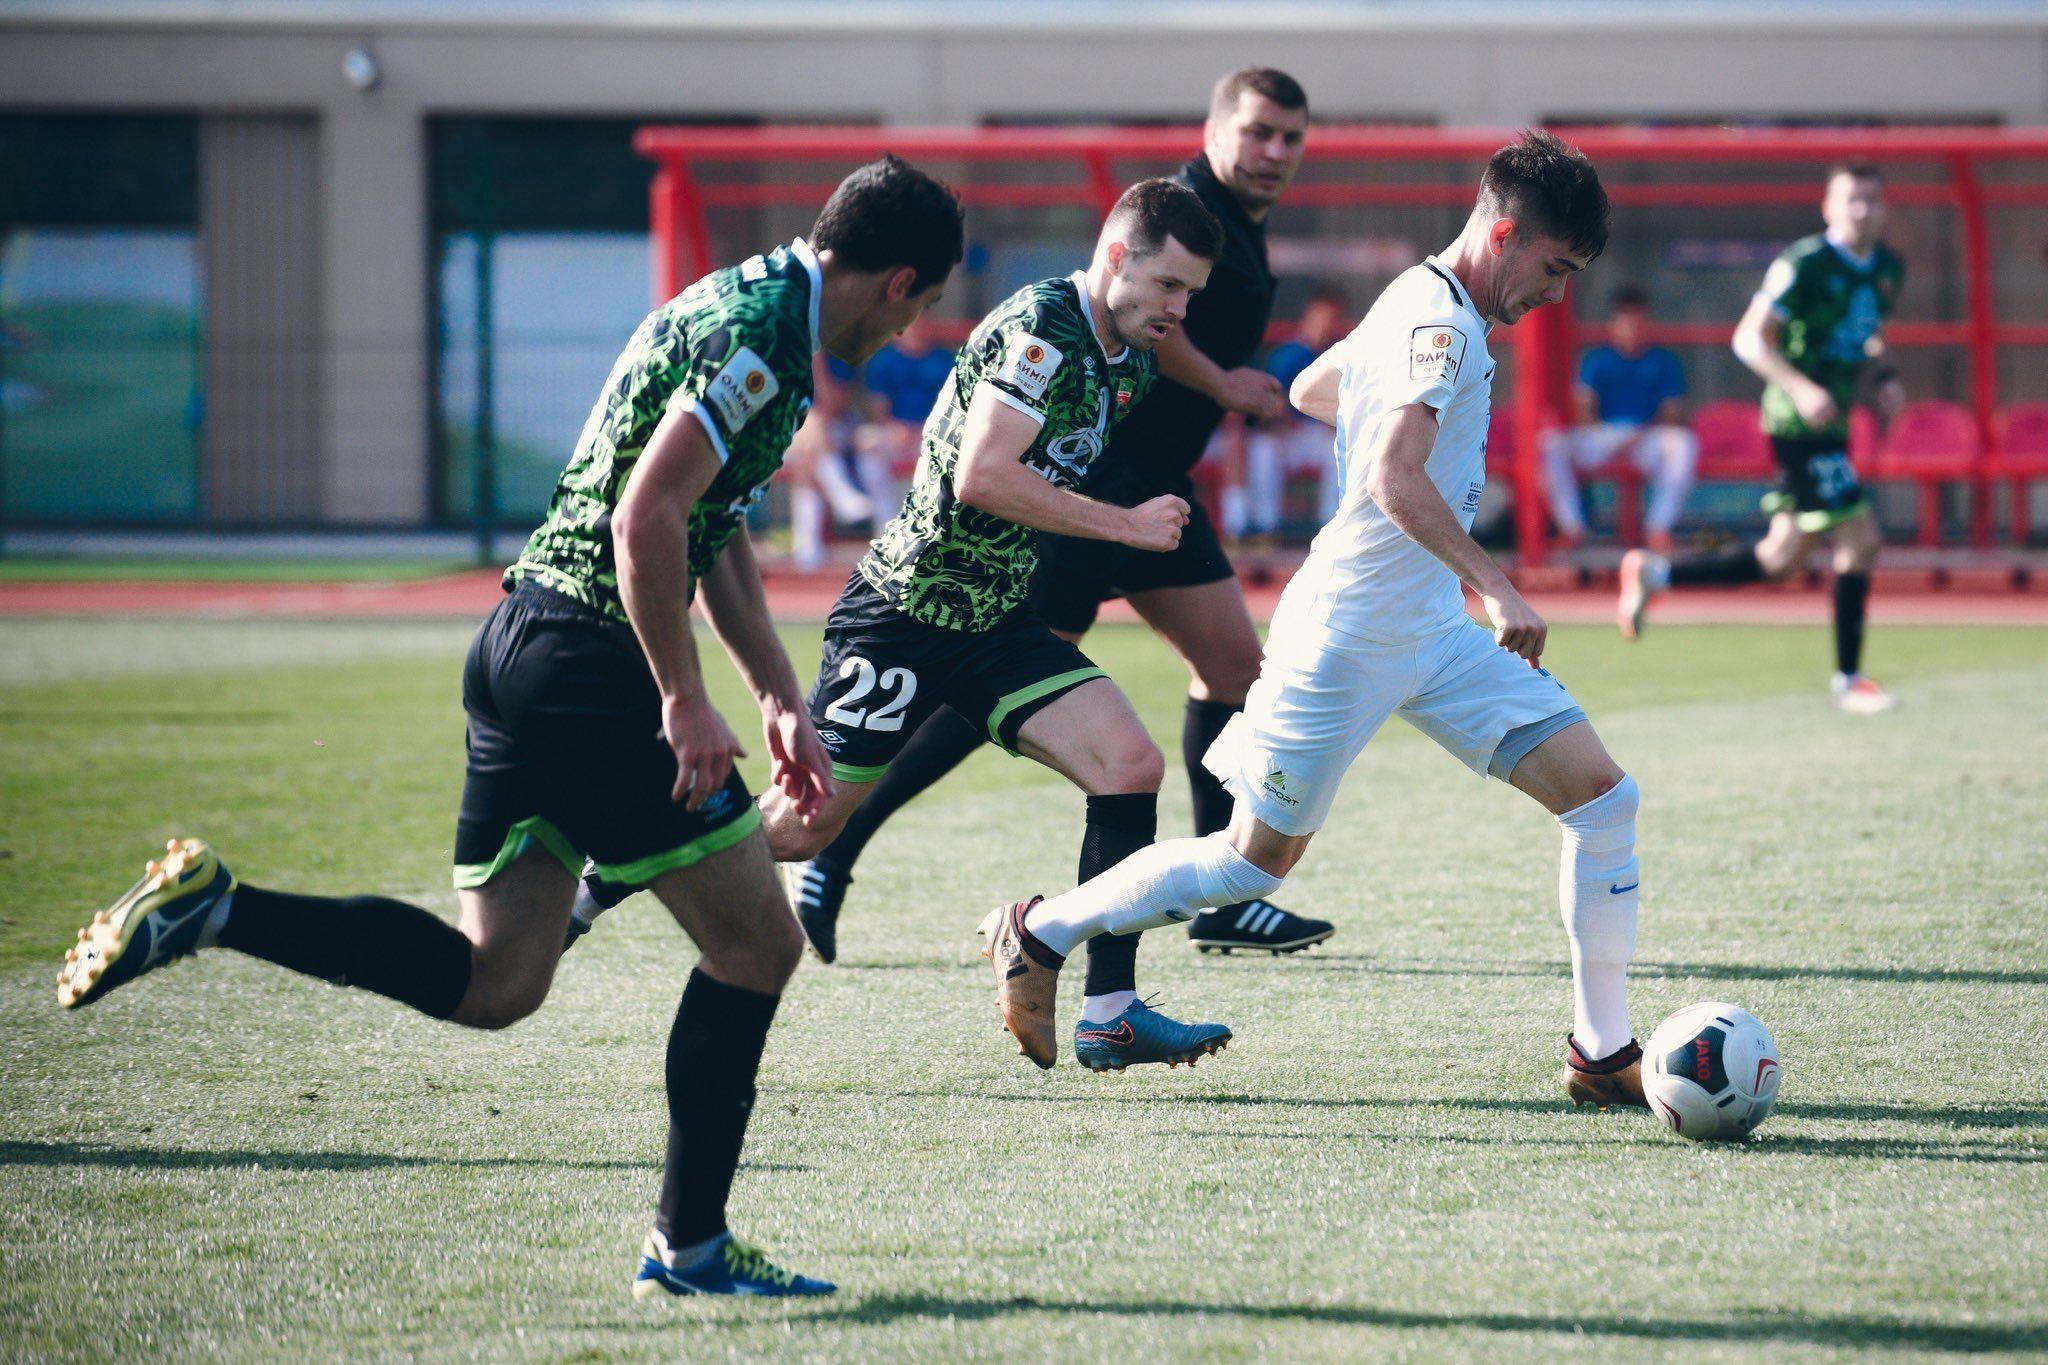 Около пяти домашних матчей сыграет команда «Чертаново» до конца осени